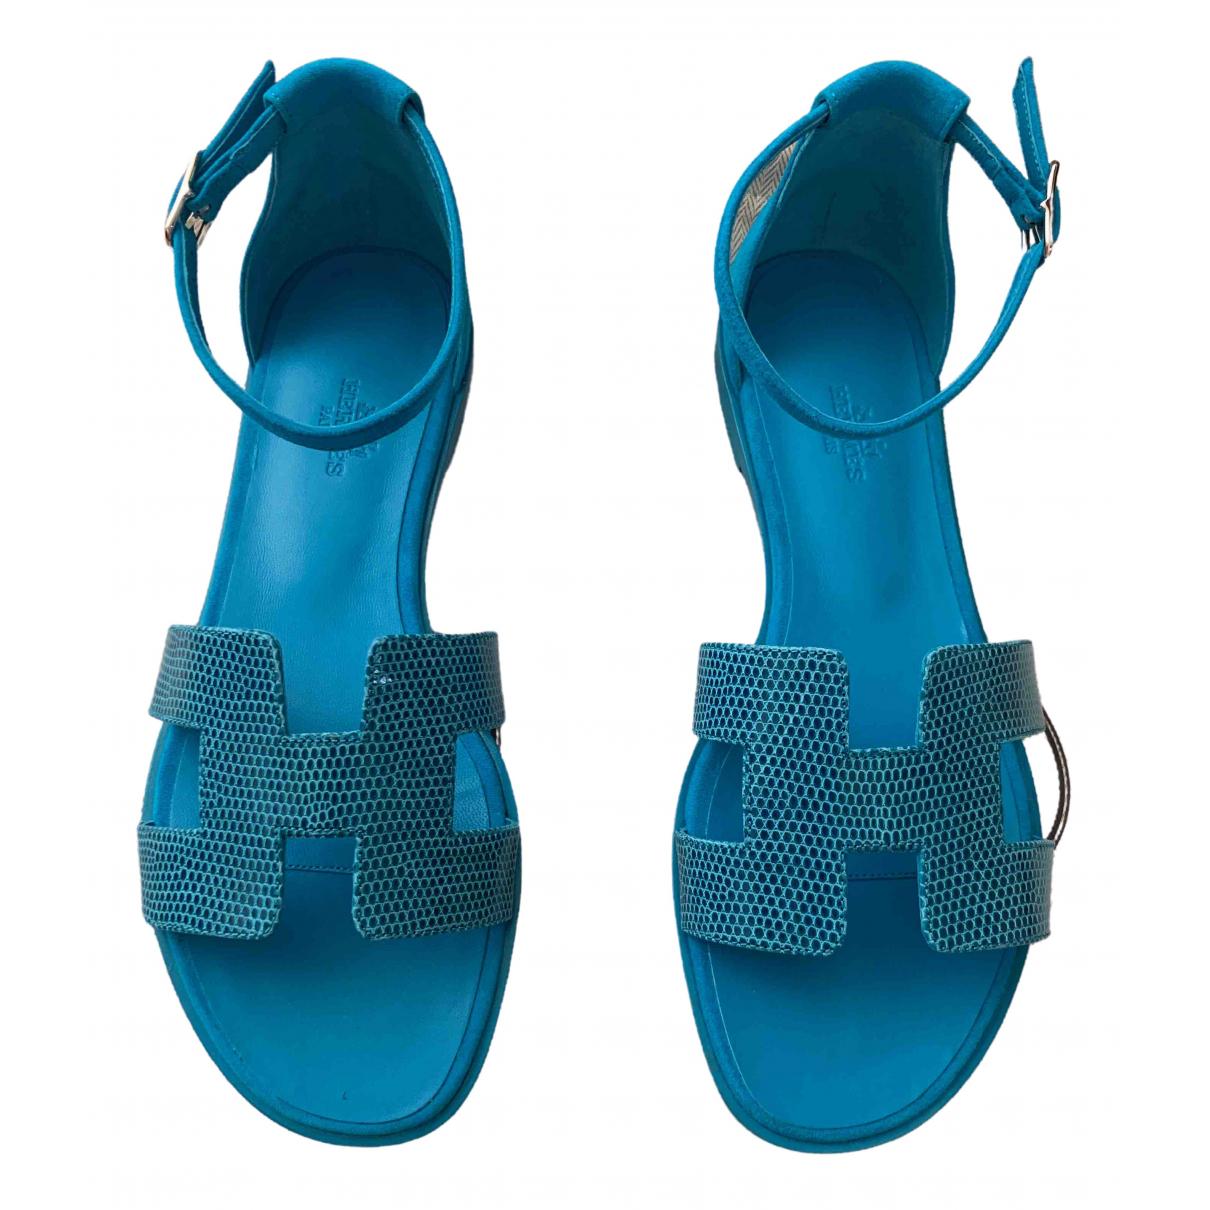 Hermes Santorini Sandalen in  Blau Echse